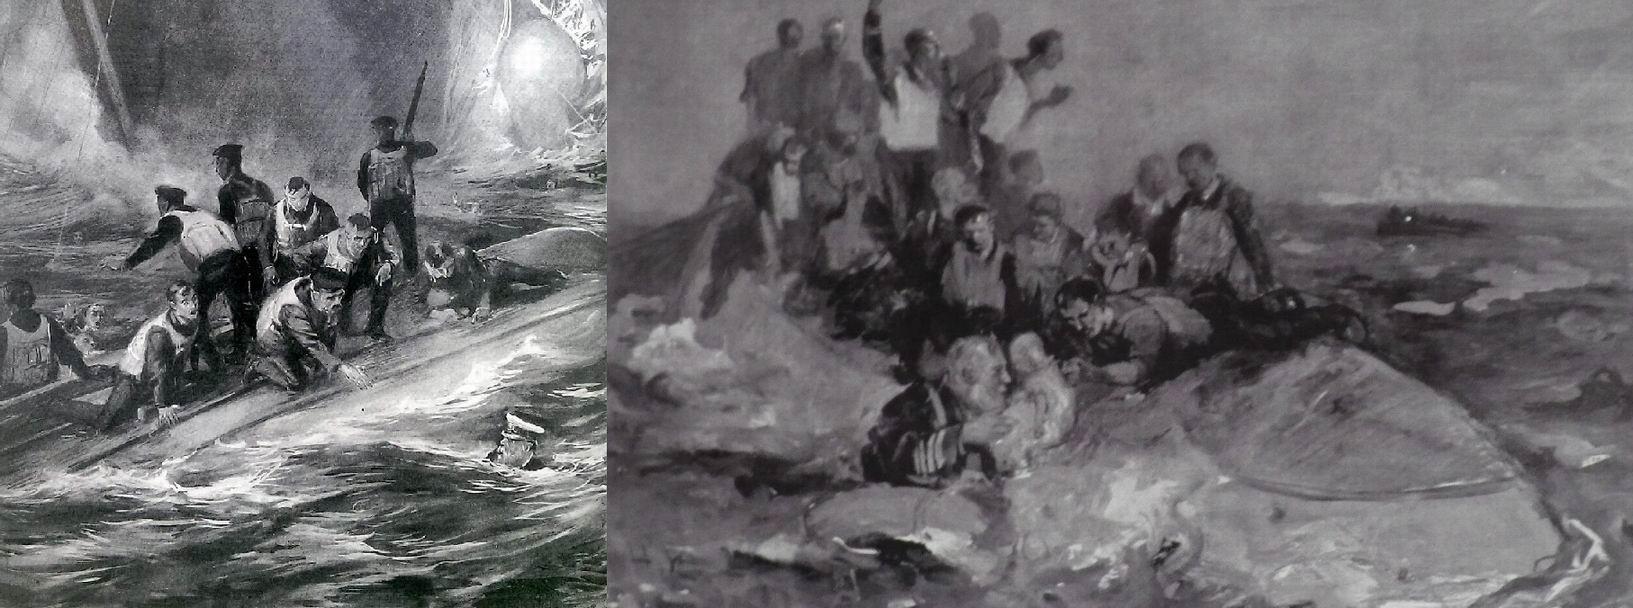 Рисунки, изображающие различные версии гибели капитана Смита.